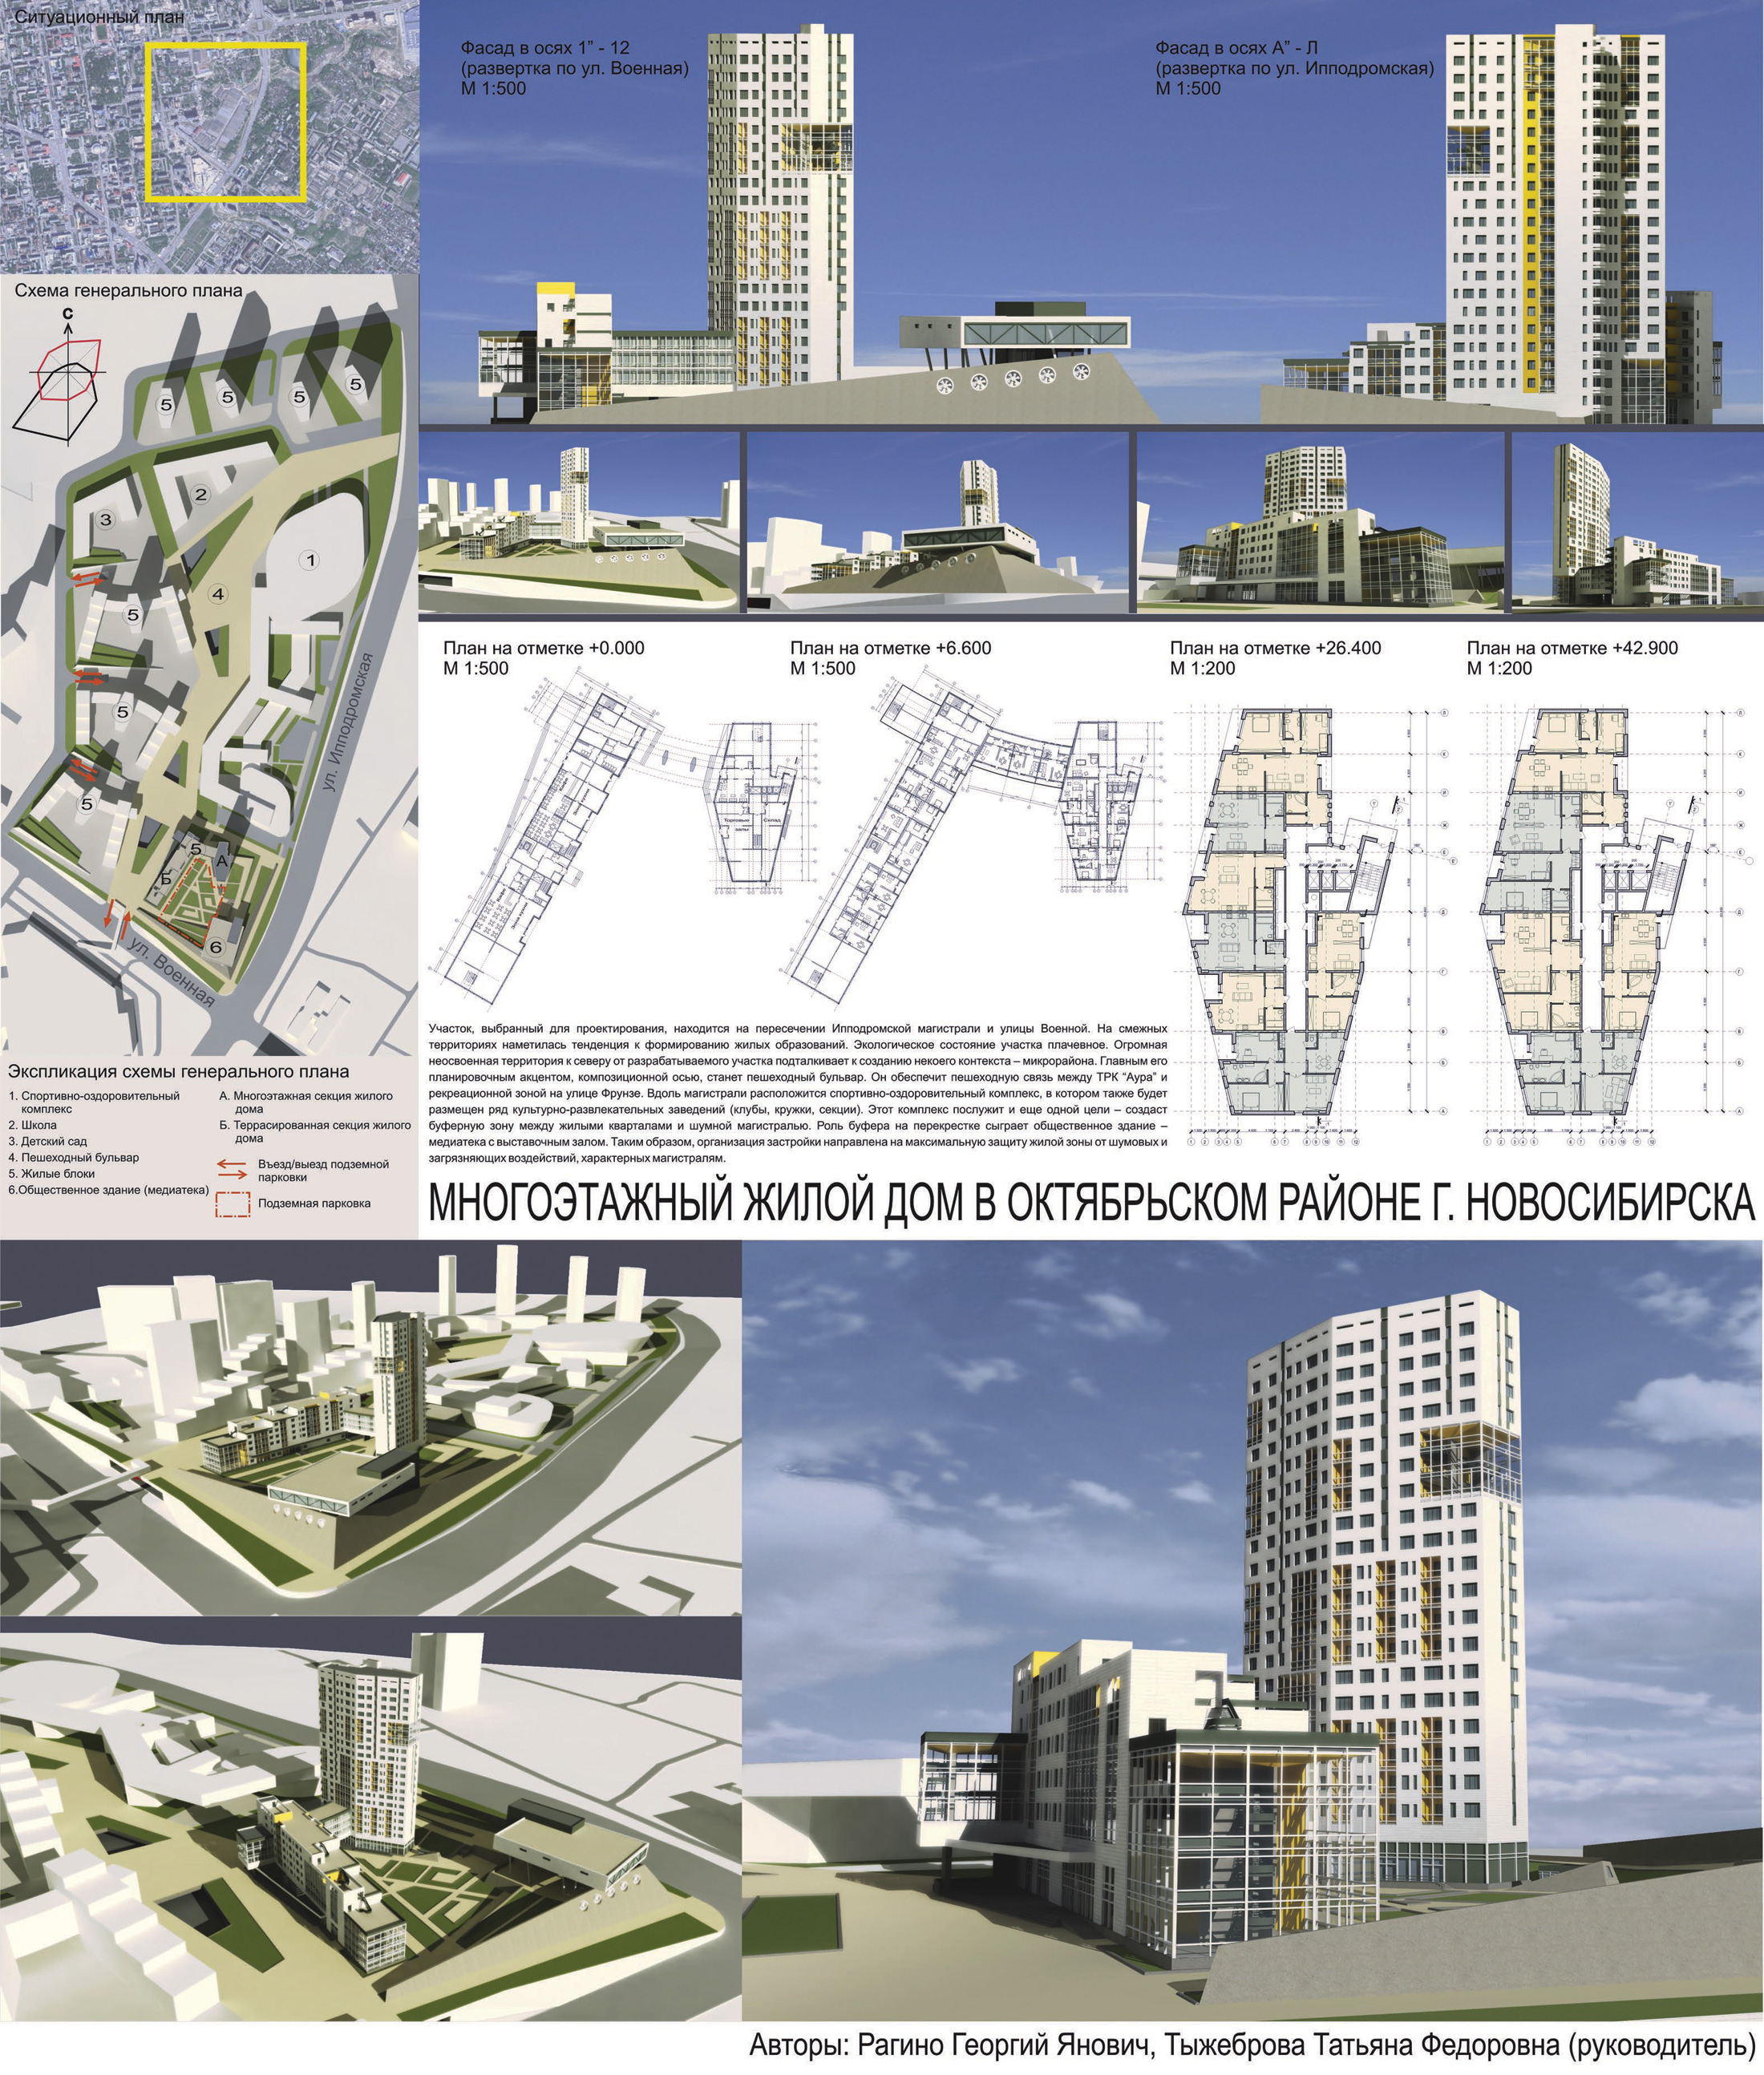 Дипломный проект page Архитектура и проектирование  Многоэтажный жилой дом в Октябрьском районе г Новосибирск Проект